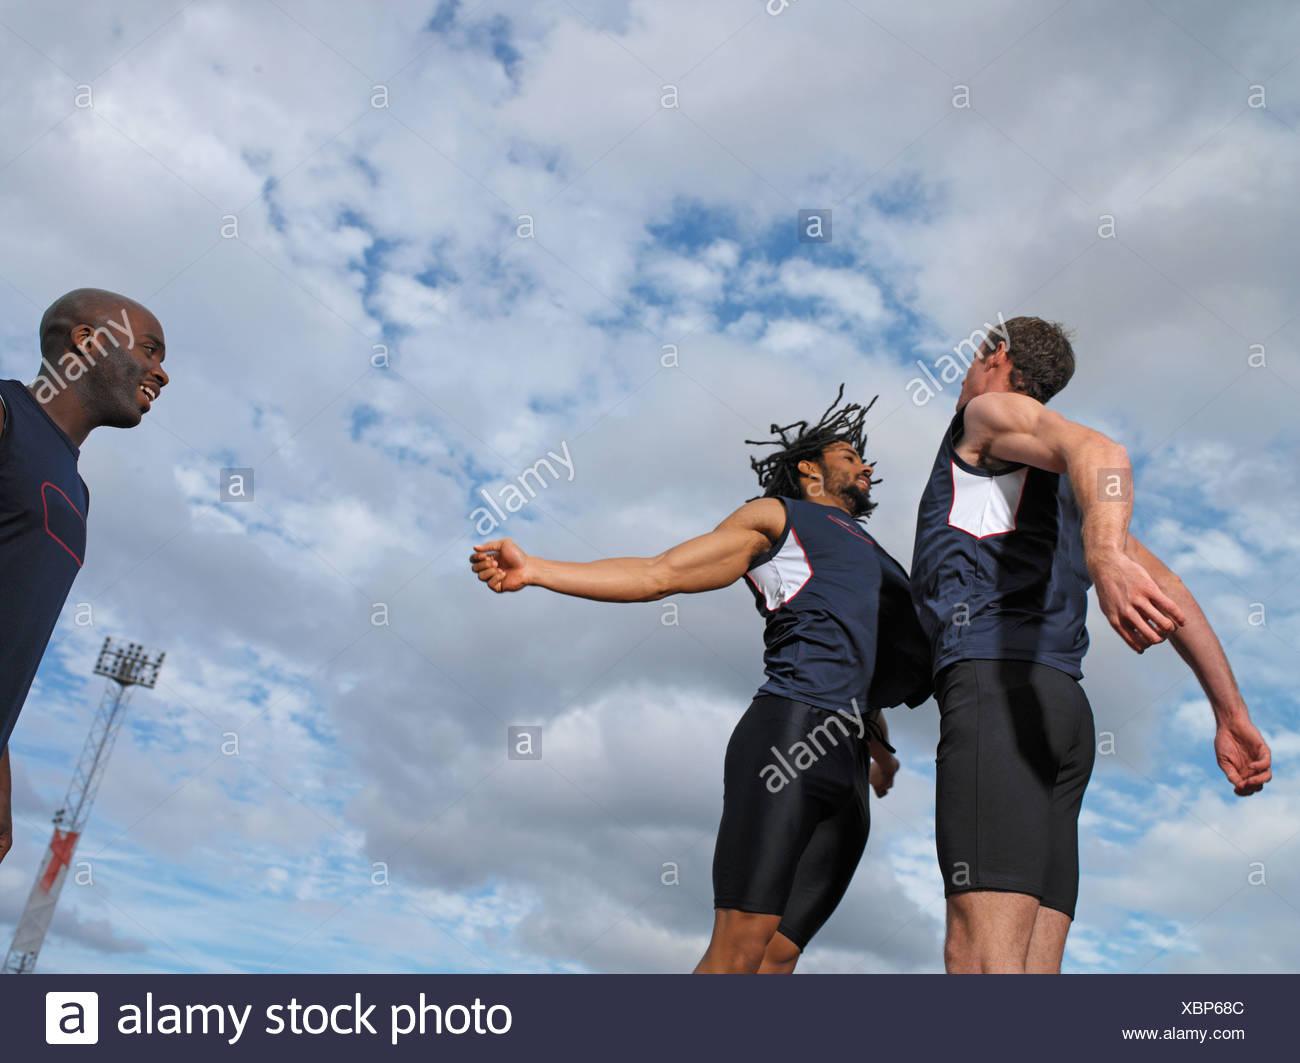 Male athletes celebrating - Stock Image